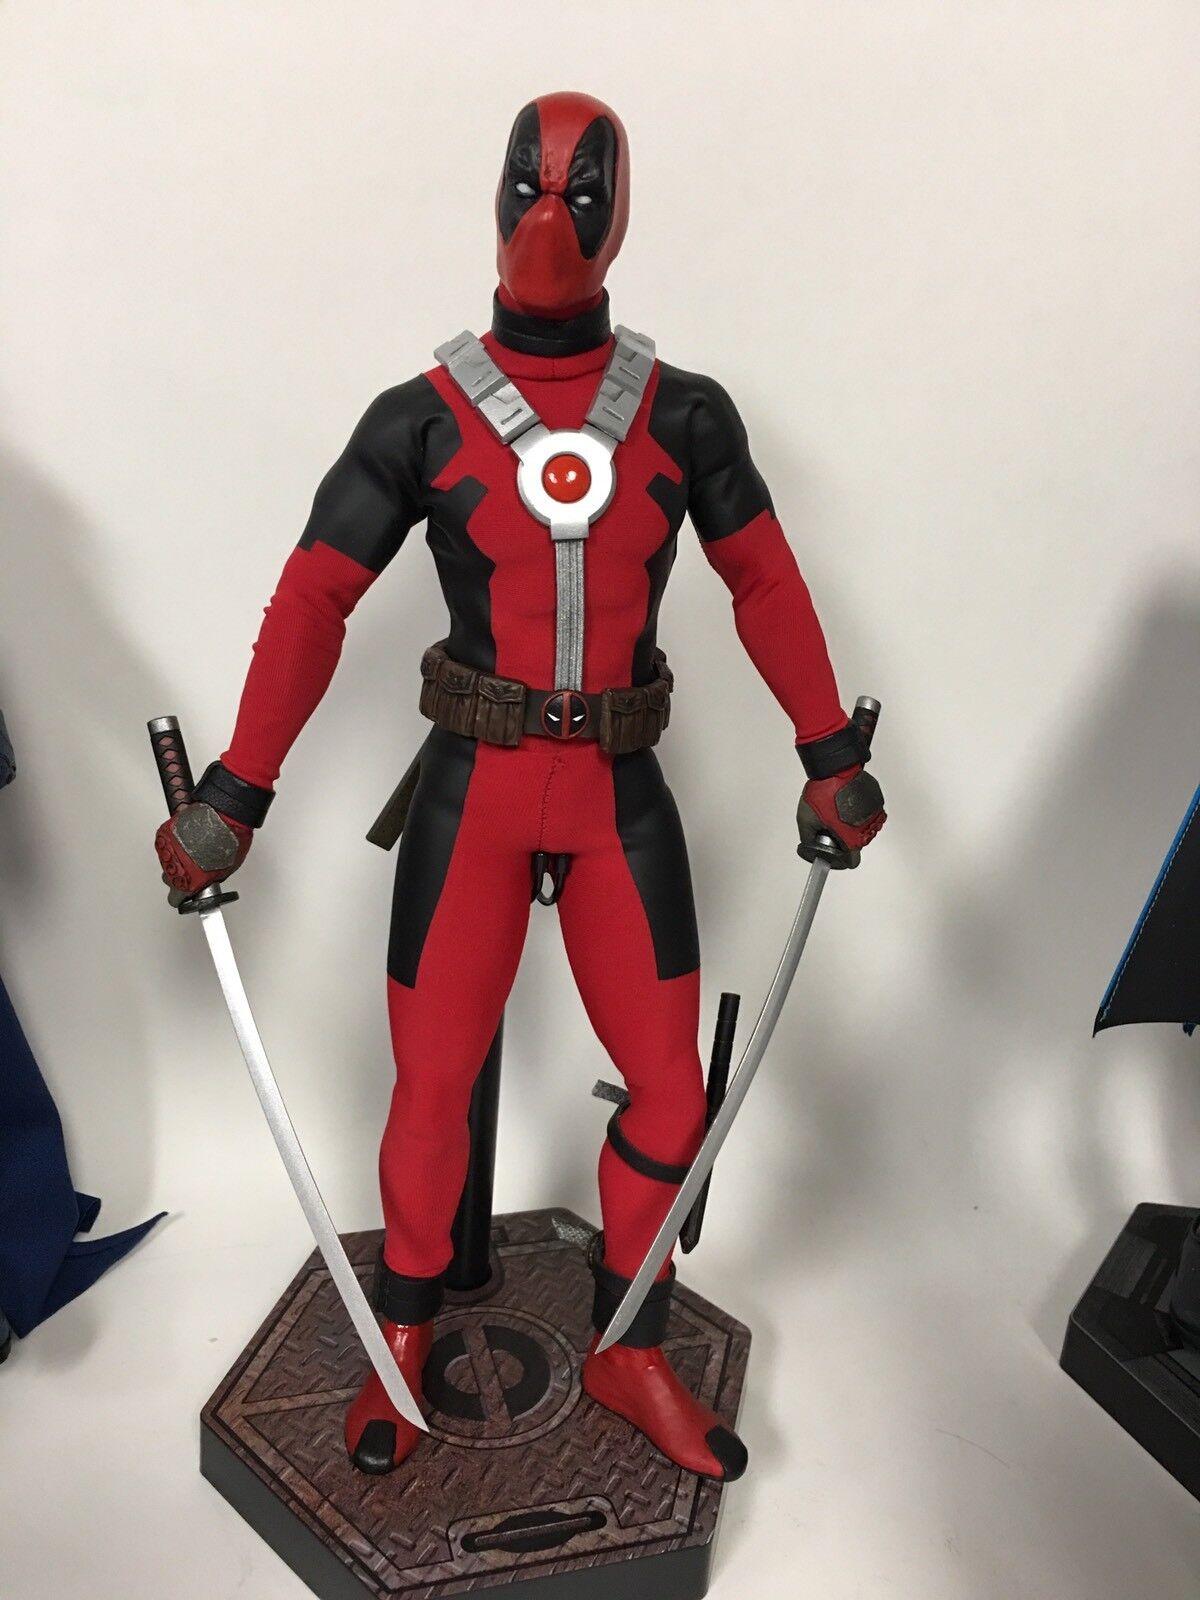 últimos estilos Personalizado 1 6 Marvel Deadpool Deadpool Deadpool Personalizado Sideshow Hot Juguetes Wade Wilson Tony Mei difícil de encontrar Wow  ofrecemos varias marcas famosas